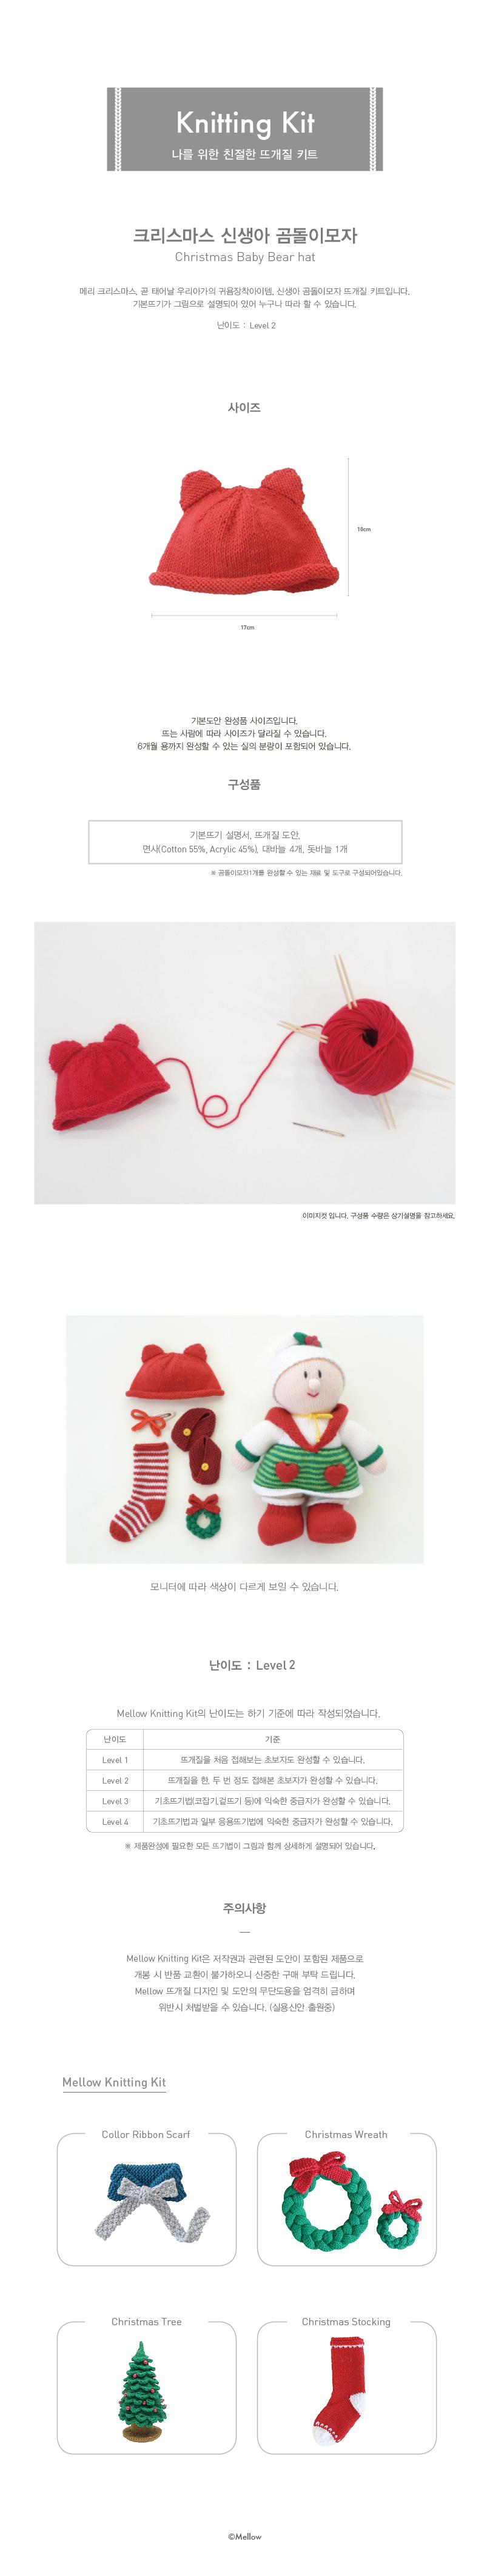 니팅키트 - 크리스마스 신생아 곰돌이모자 - 멜로우, 15,000원, DIY아기용품, DIY아기용품